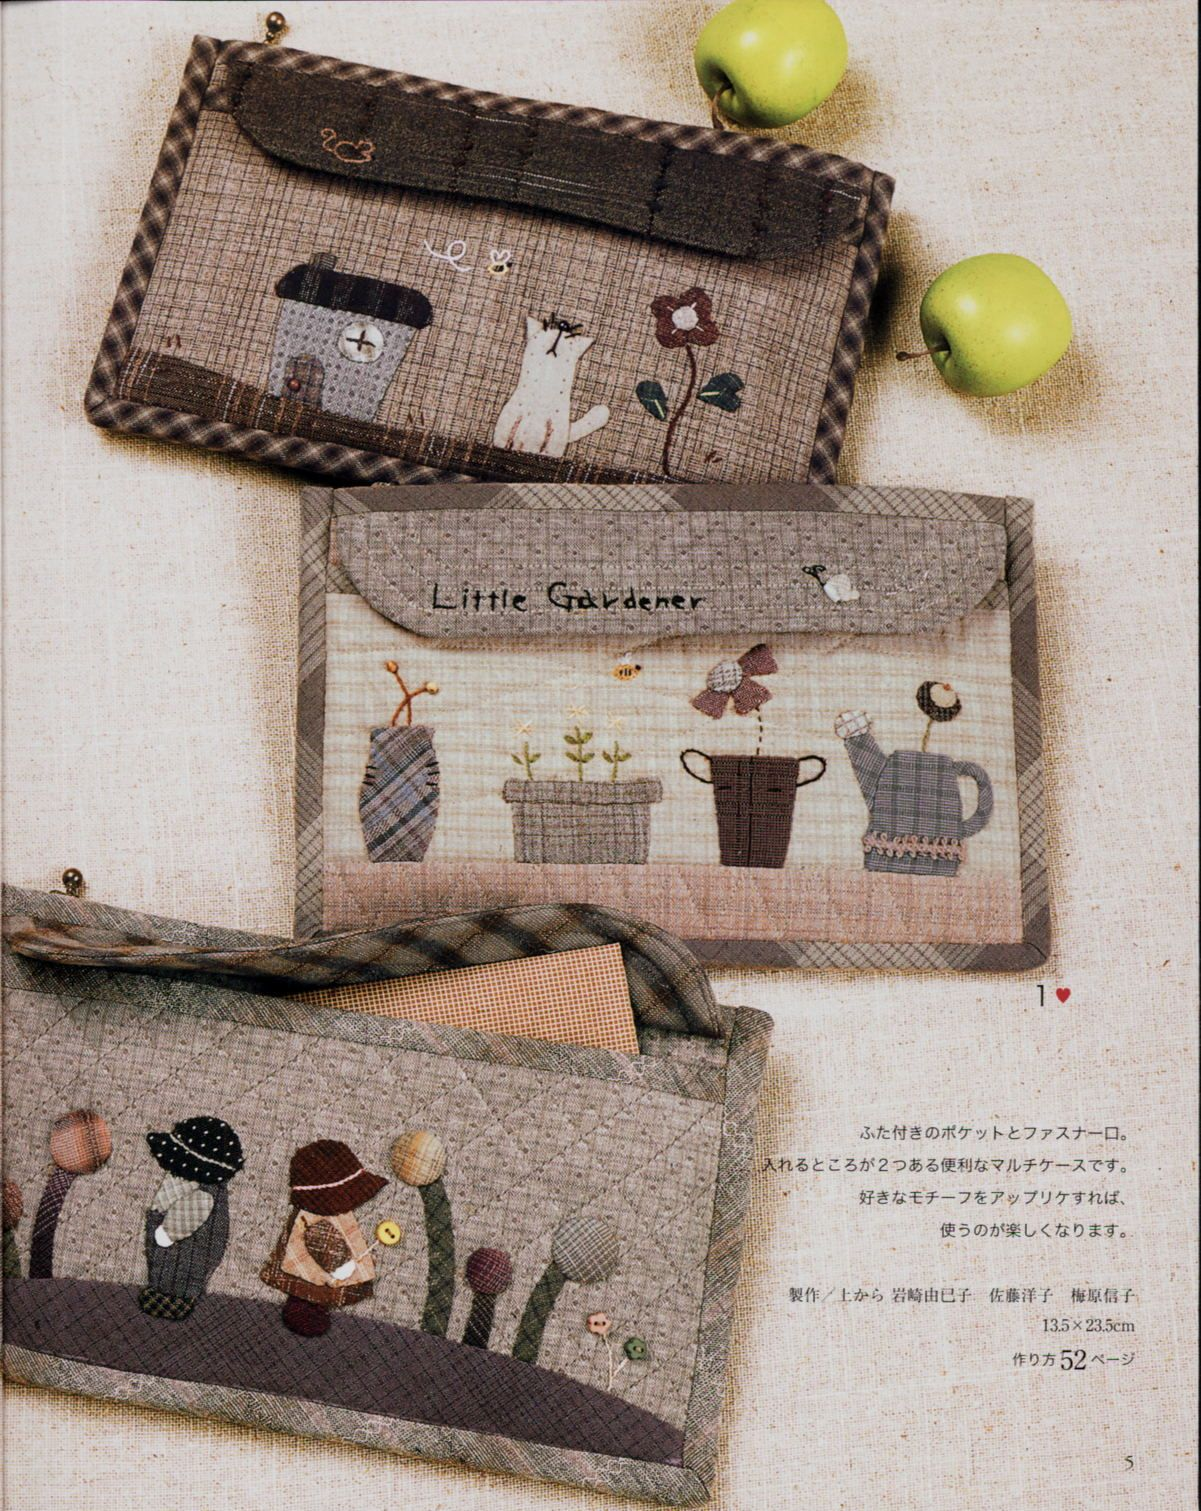 Японские сумки своими руками в стиле пэчворк - Сумки в стиле пэчворк / пэчворк сумки своими руками